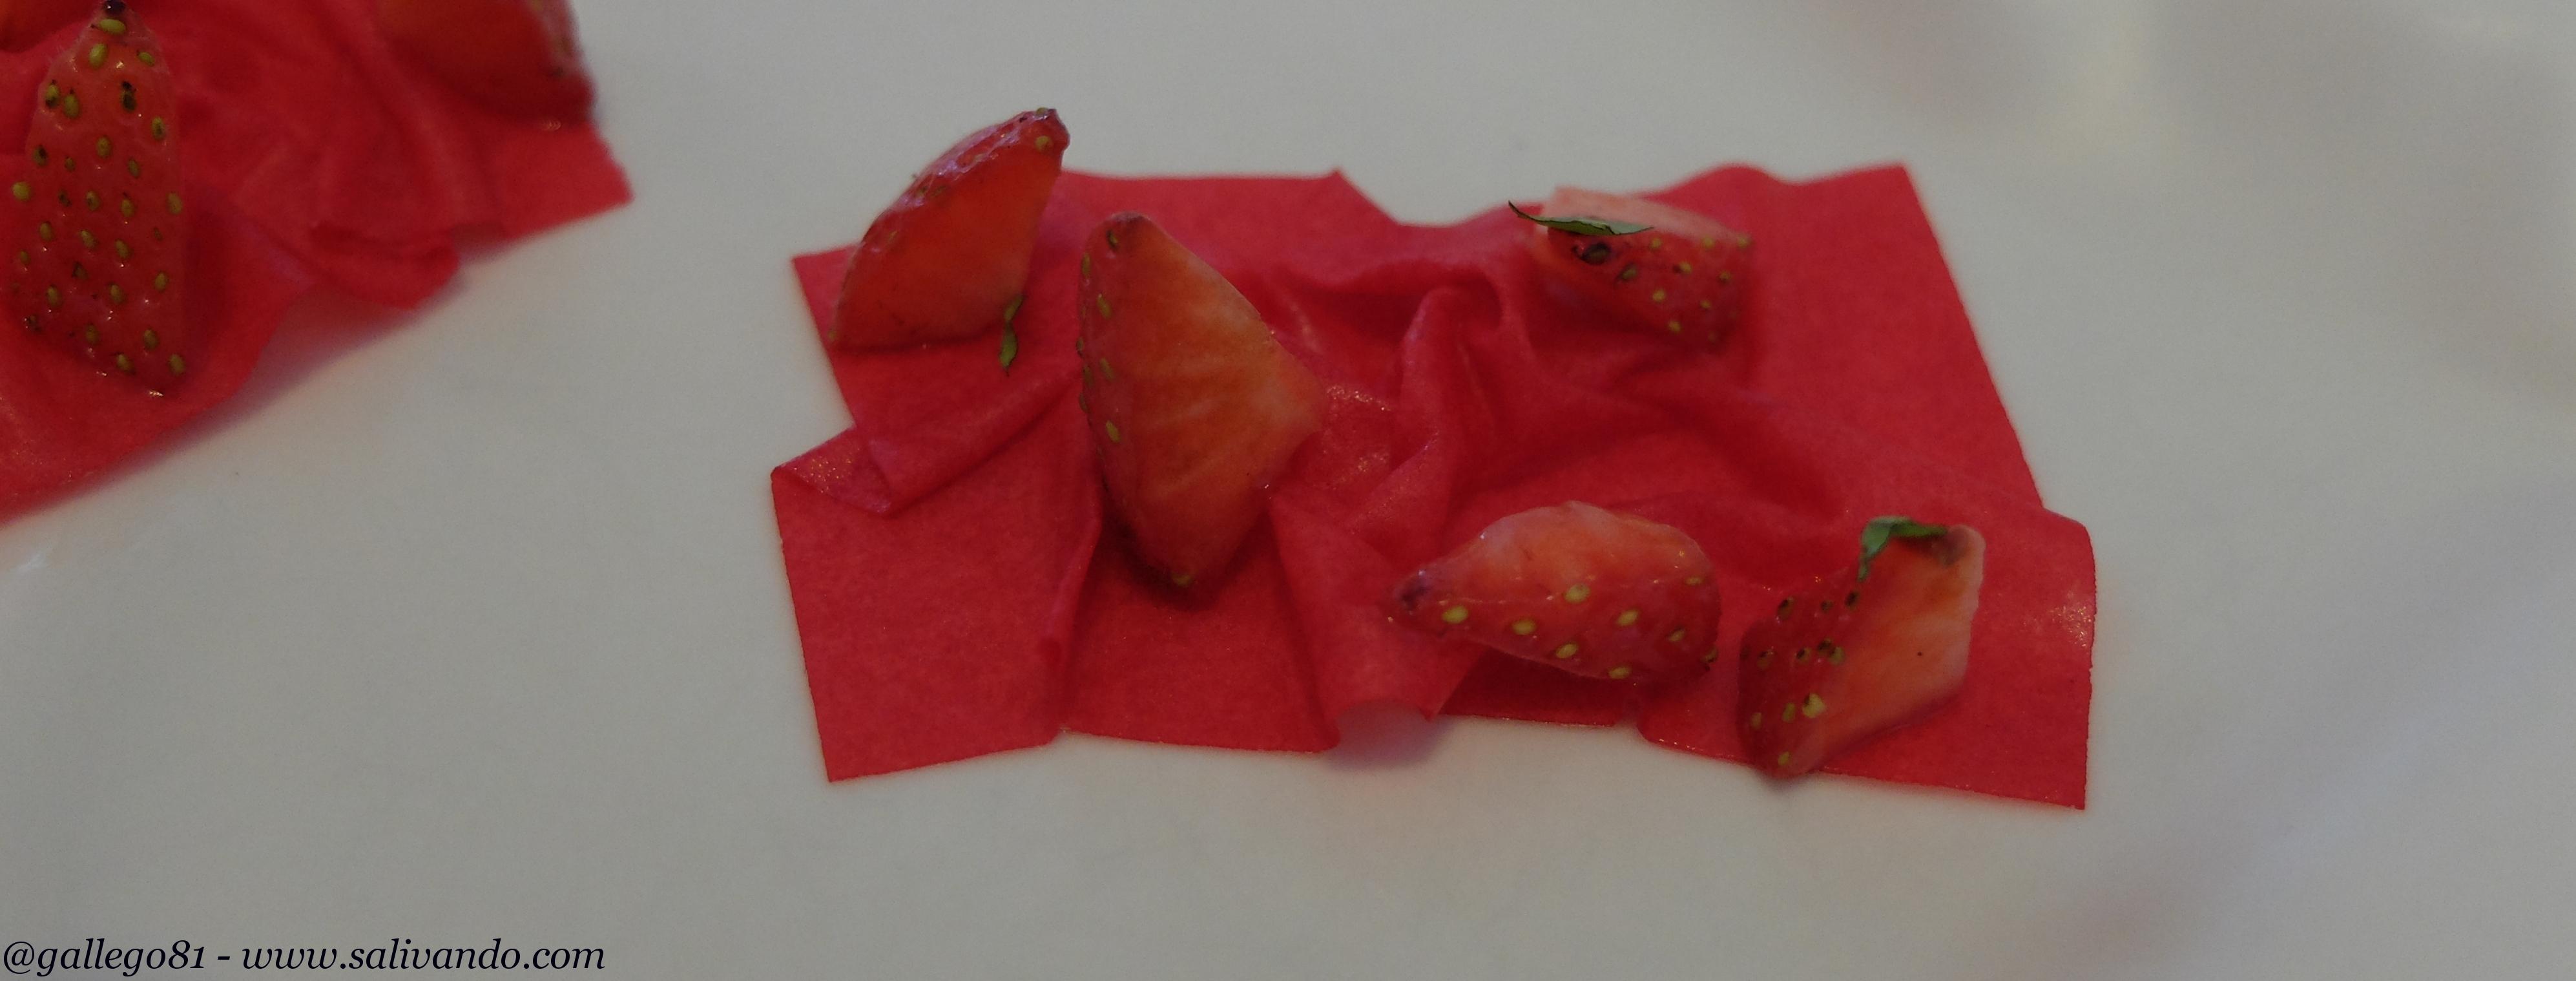 Aperitivo fuera del menú - Turrón de fresas vinagre y rosas